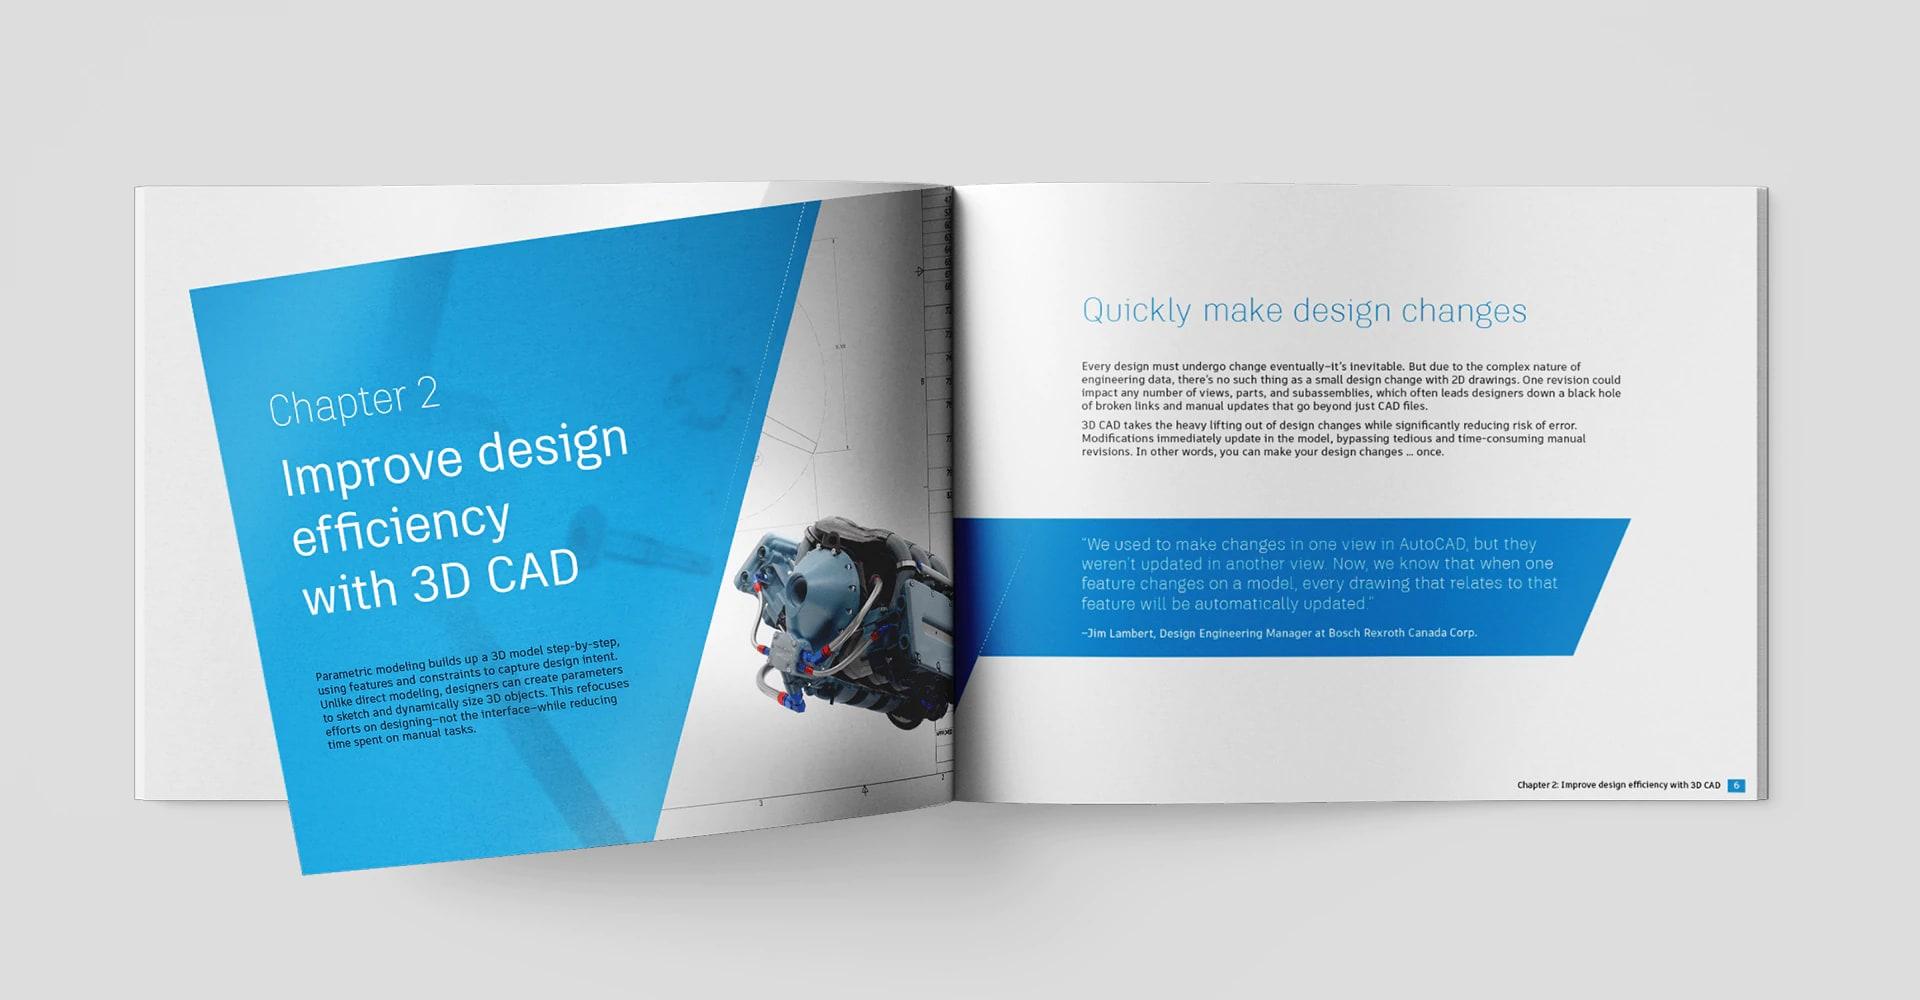 Erfahren Sie, wie AutoCAD und Inventor besser zusammenarbeiten